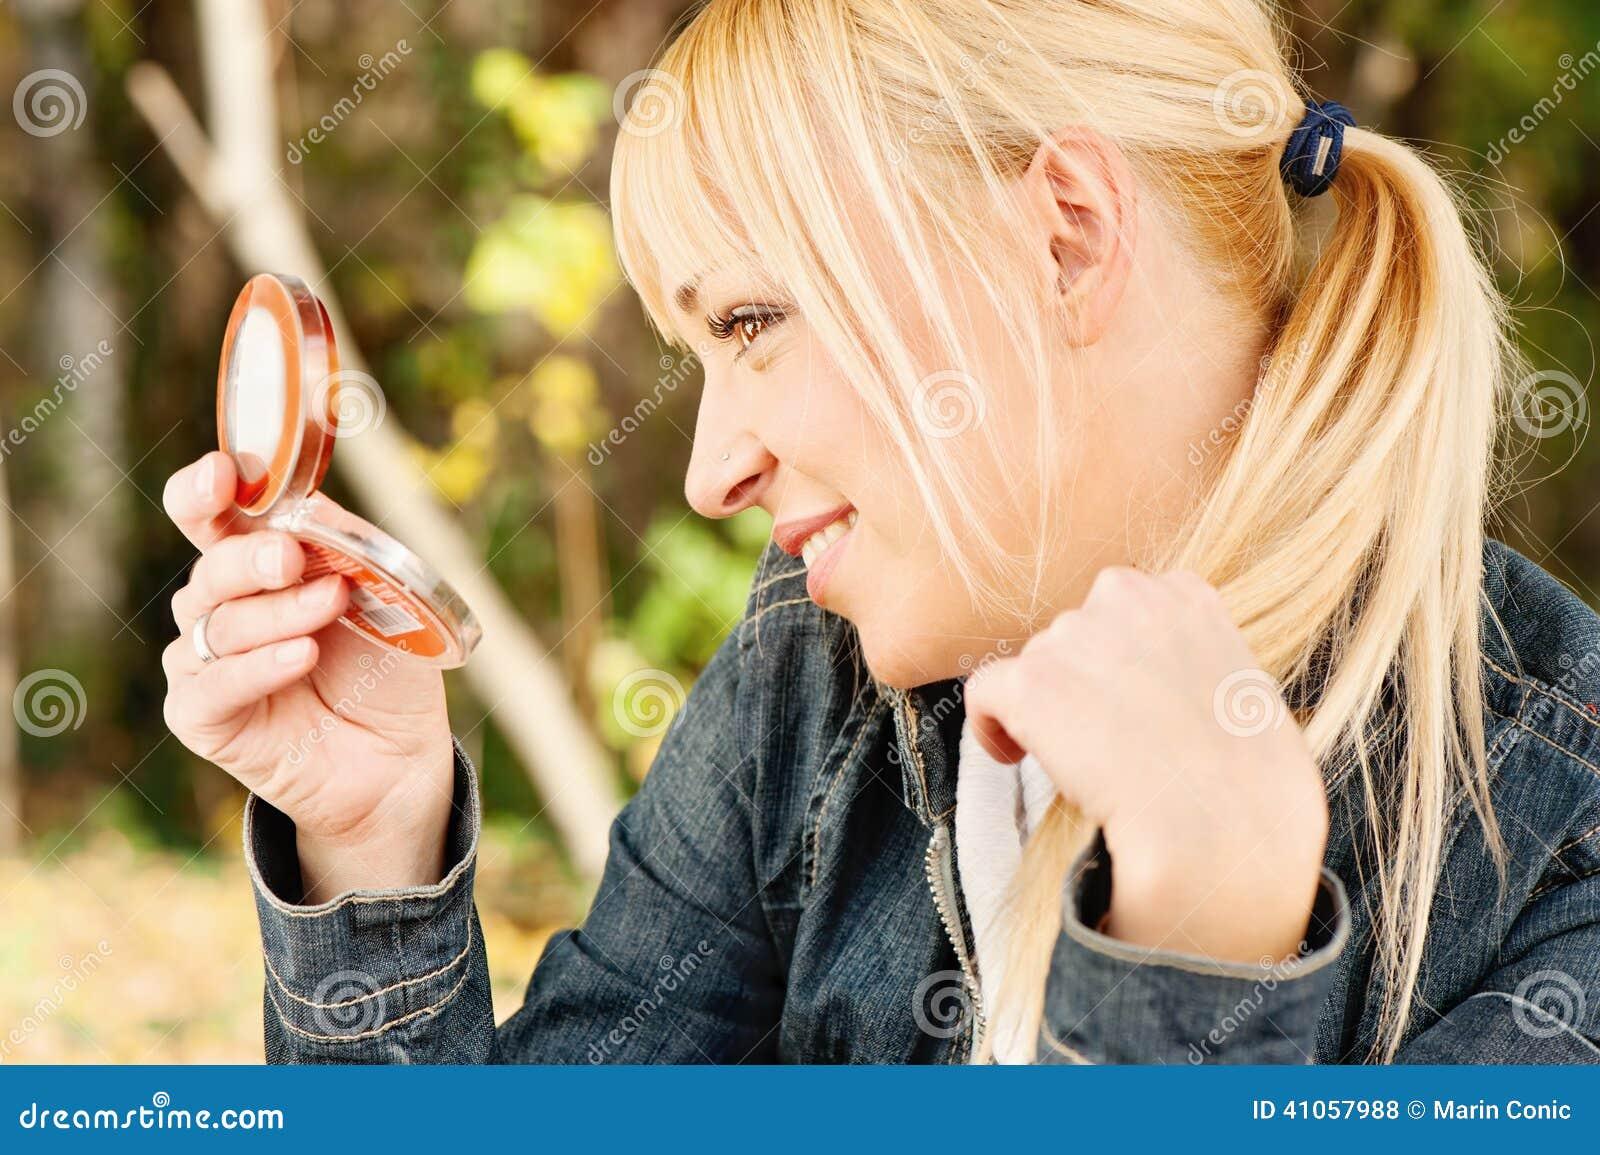 Kobieta sprawdza włosy w lustrze